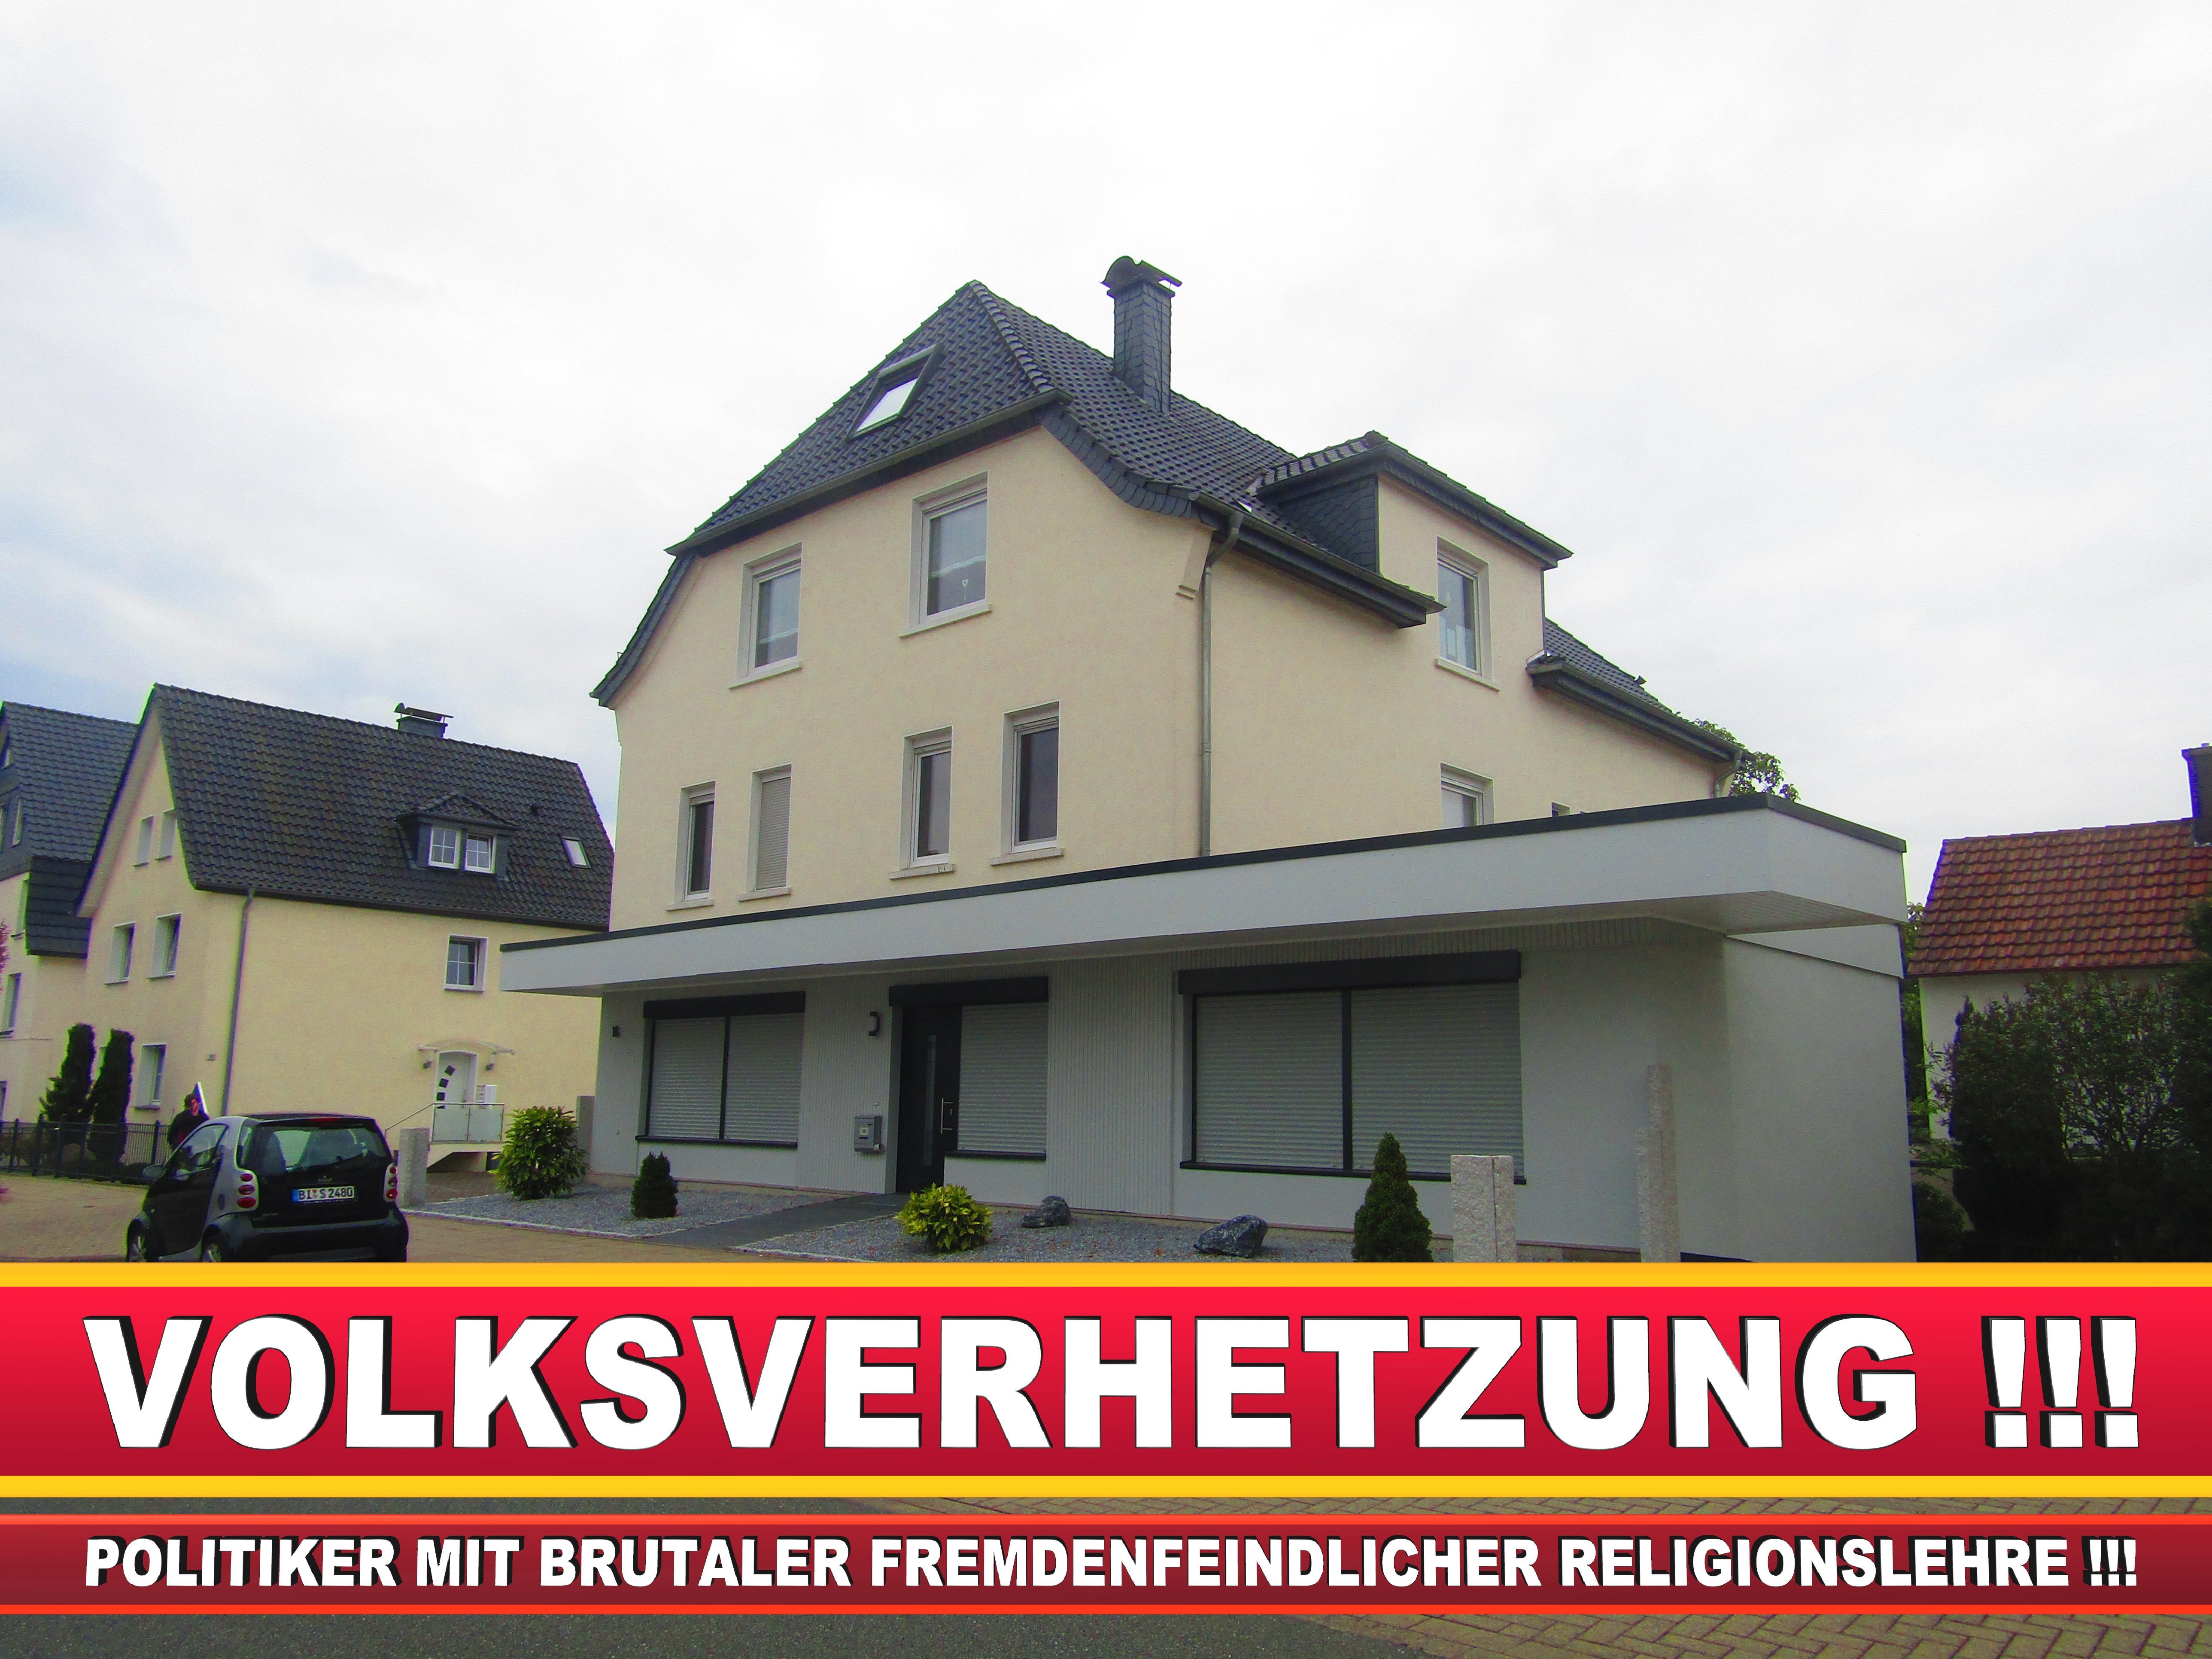 DETLEF HELLING BODENBELÄGE BIELEFELD CDU BIELEFELD (6) LANDTAGSWAHL BUNDESTAGSWAHL BÜRGERMEISTERWAHL